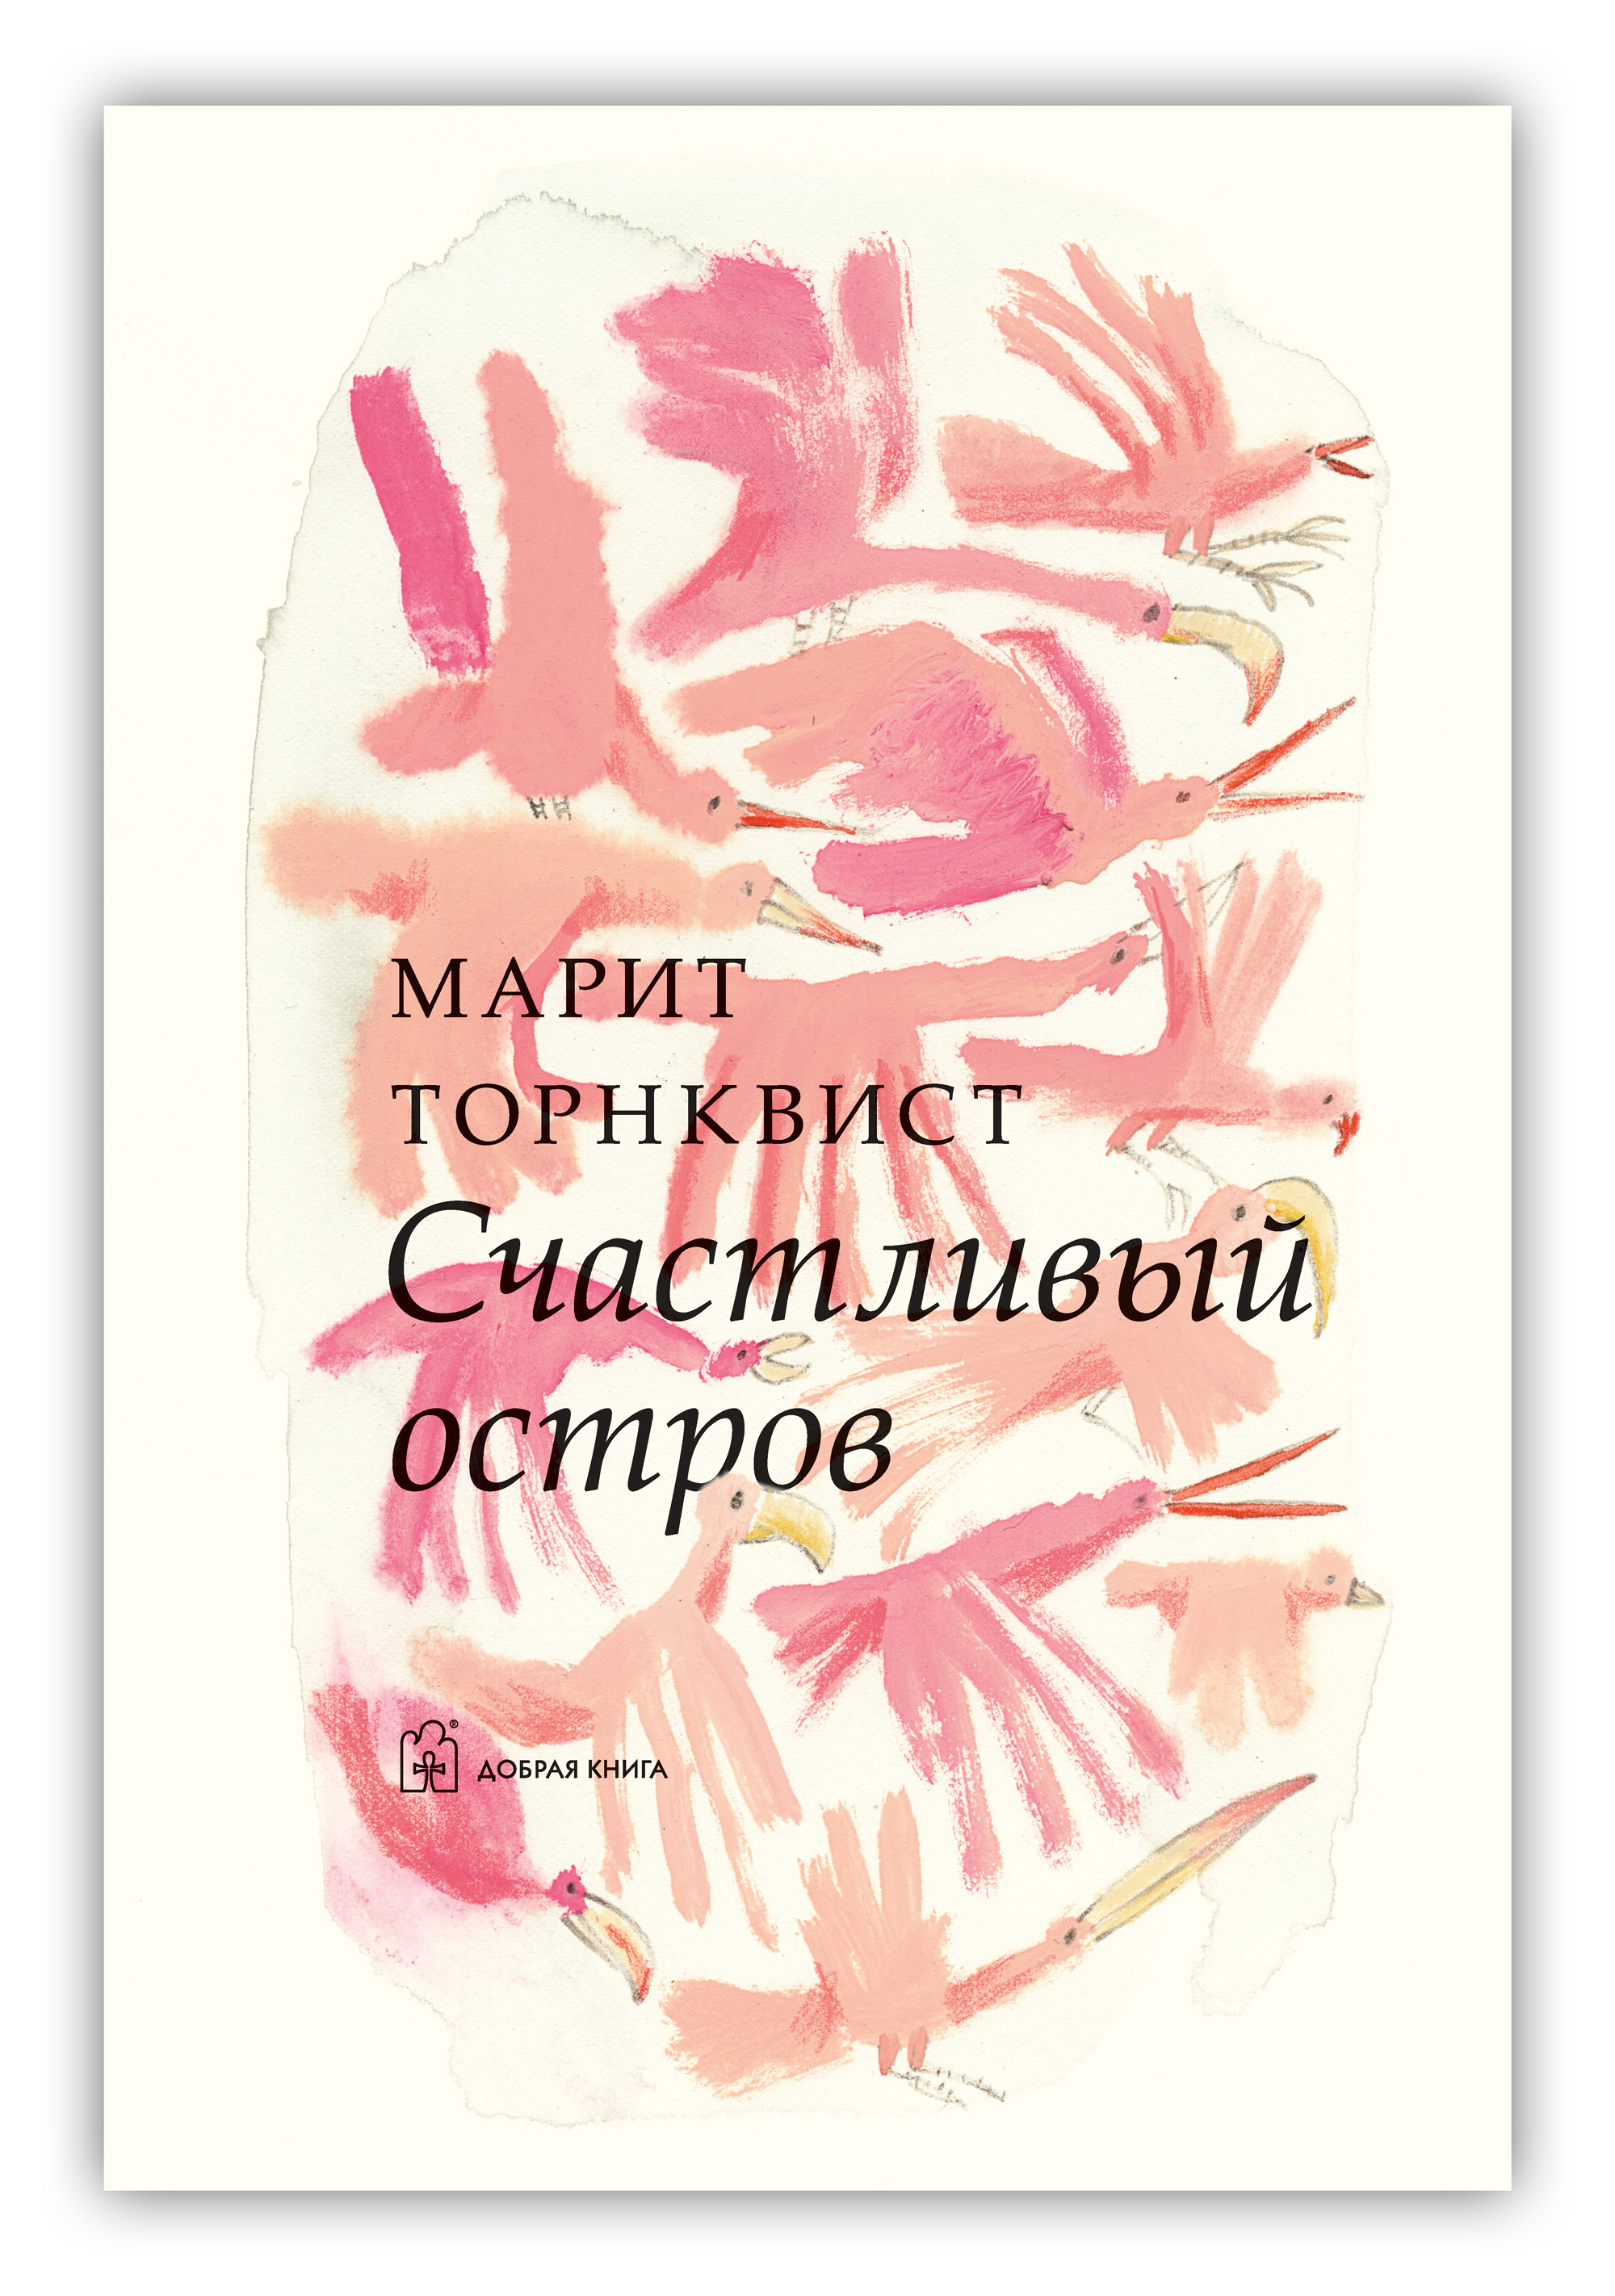 Марит Торнквист Счастливый остров (иллюстрации Марит Торнквист)